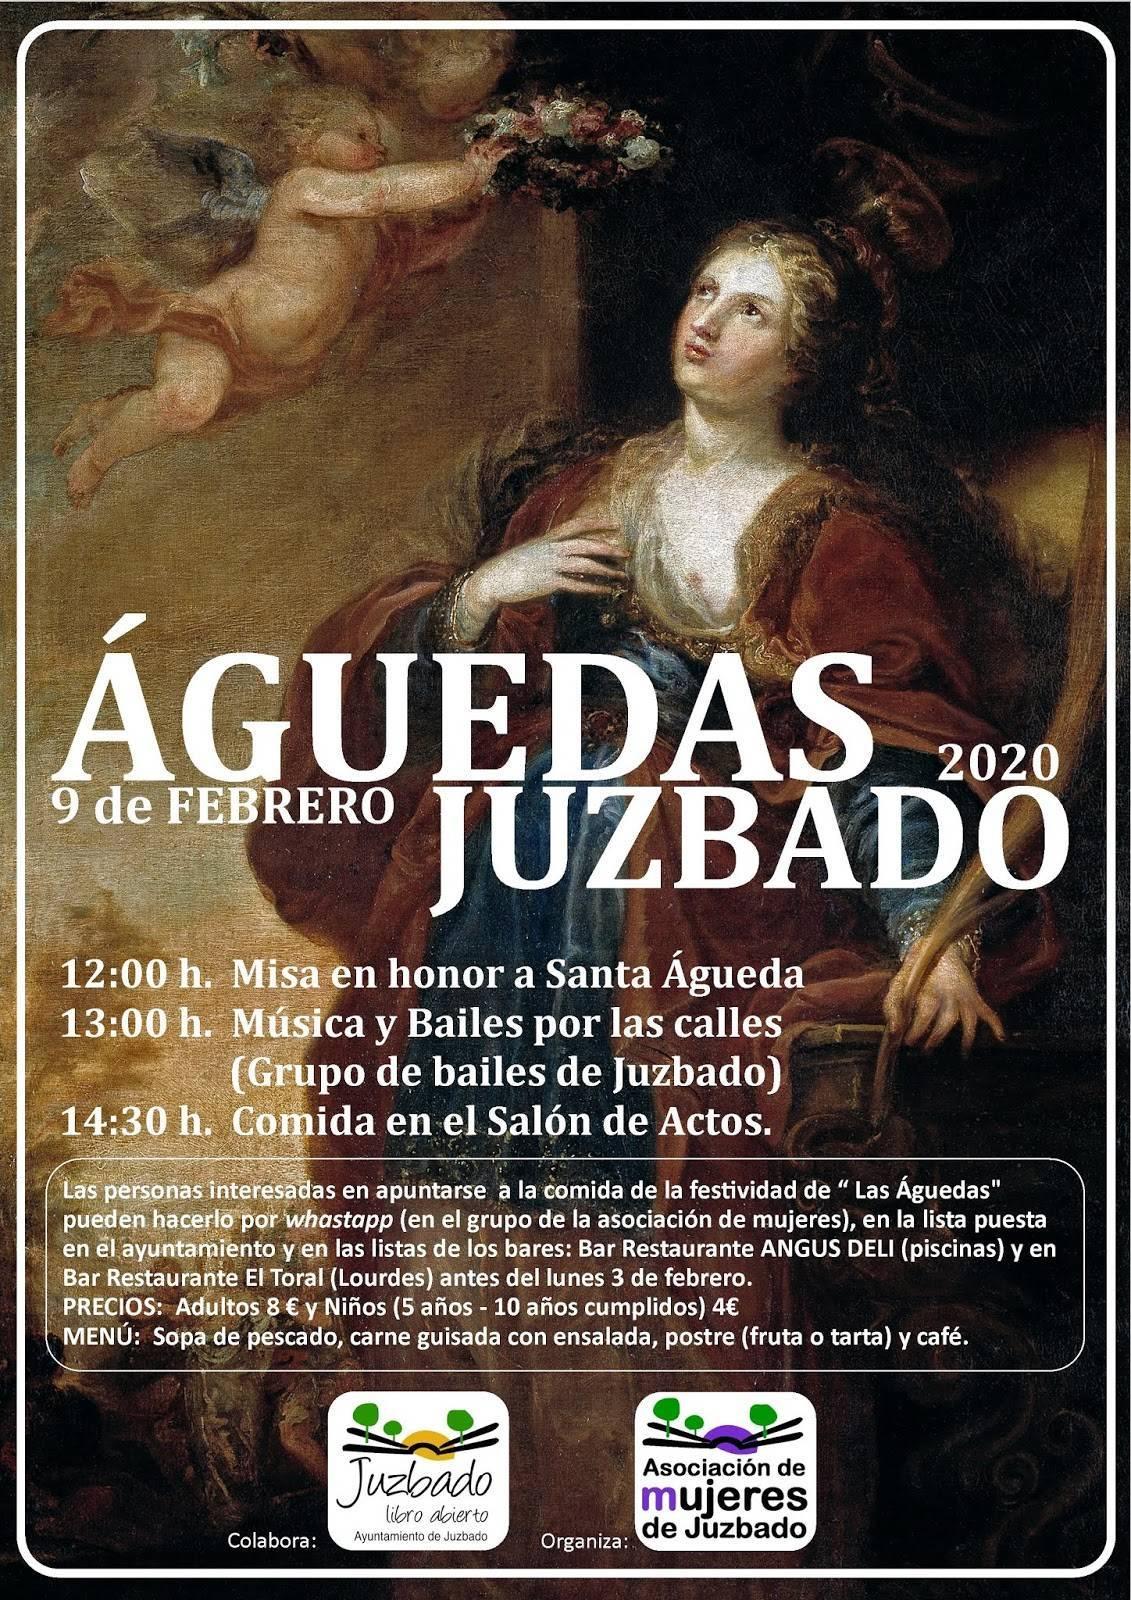 Águedas 2020 - Juzbado (Salamanca)